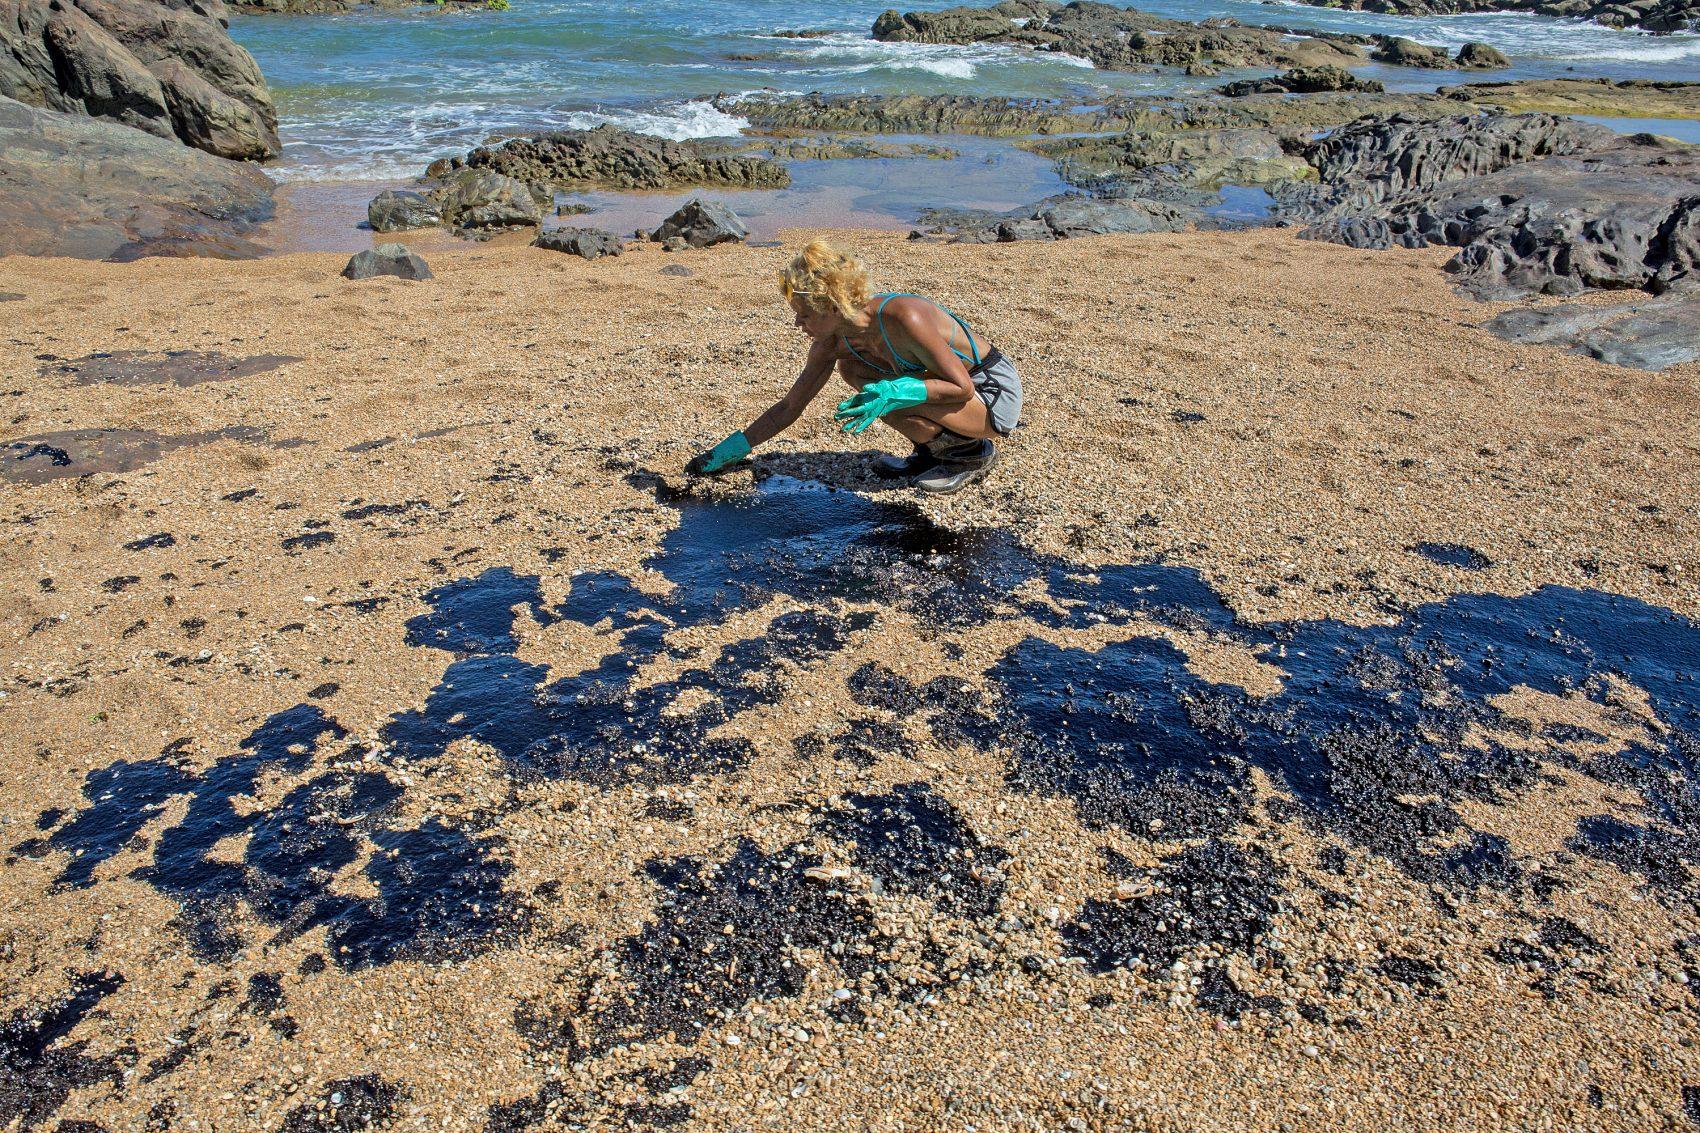 Voluntária retira óleo da praia de Busca Vida, perto de Salvador: Bahia foi o estado com mais localidades atingidas pelo desastre ambiental (Foto: ANTONELLO VENERI / AFP)